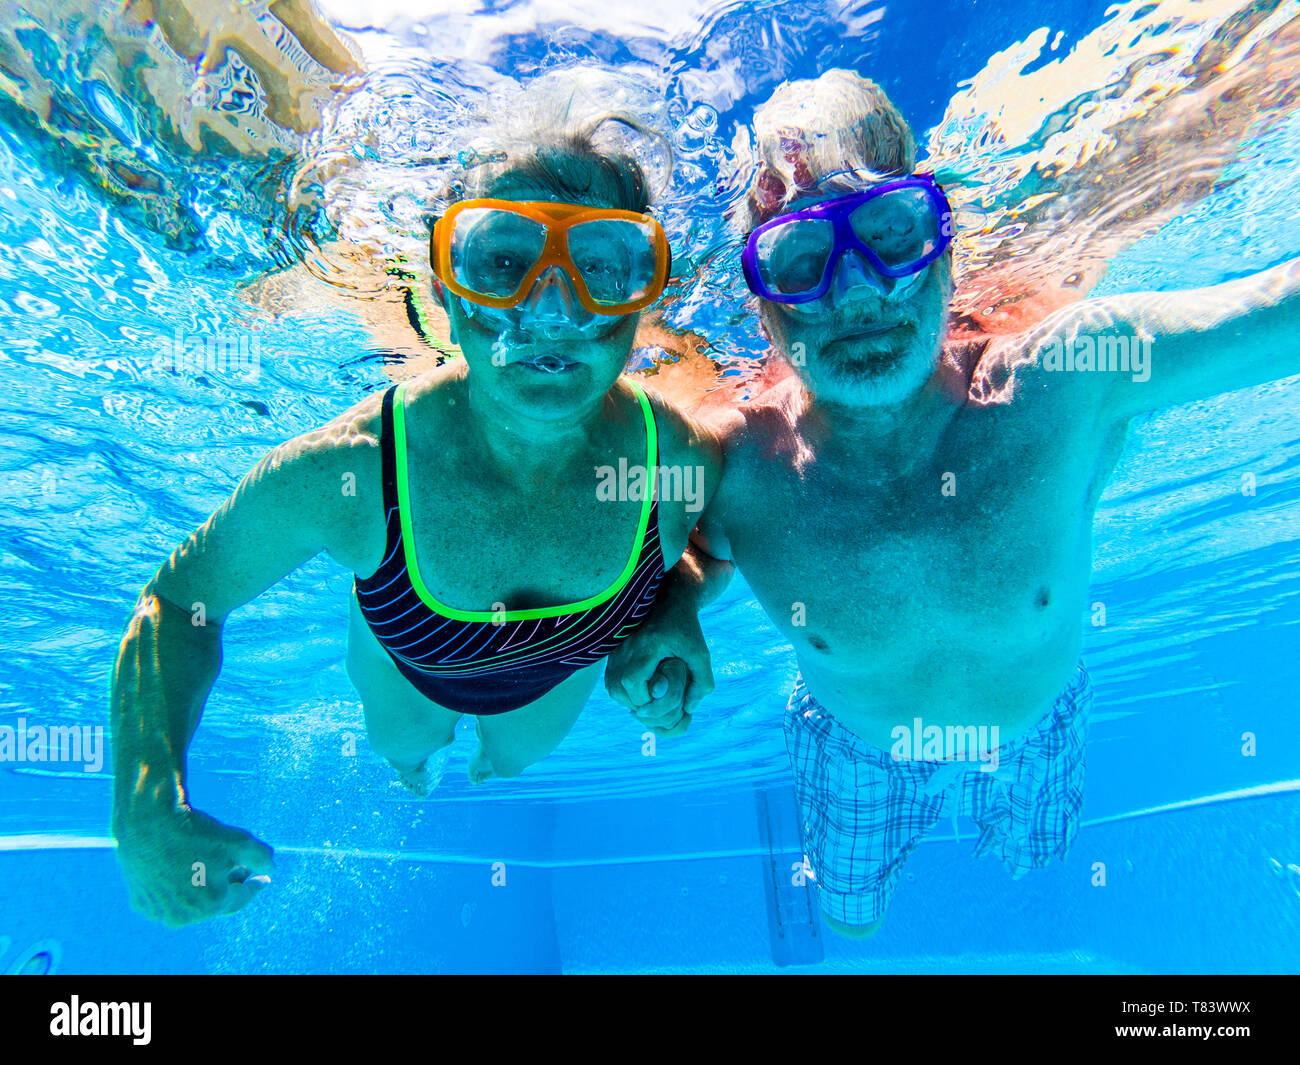 Persone adulte coppia senior divertirsi swimmin nel pool di subacquei con divertente colorato maschere subacquee - concetto di immersione e la pensionata attiva l uomo e la donna en Foto Stock